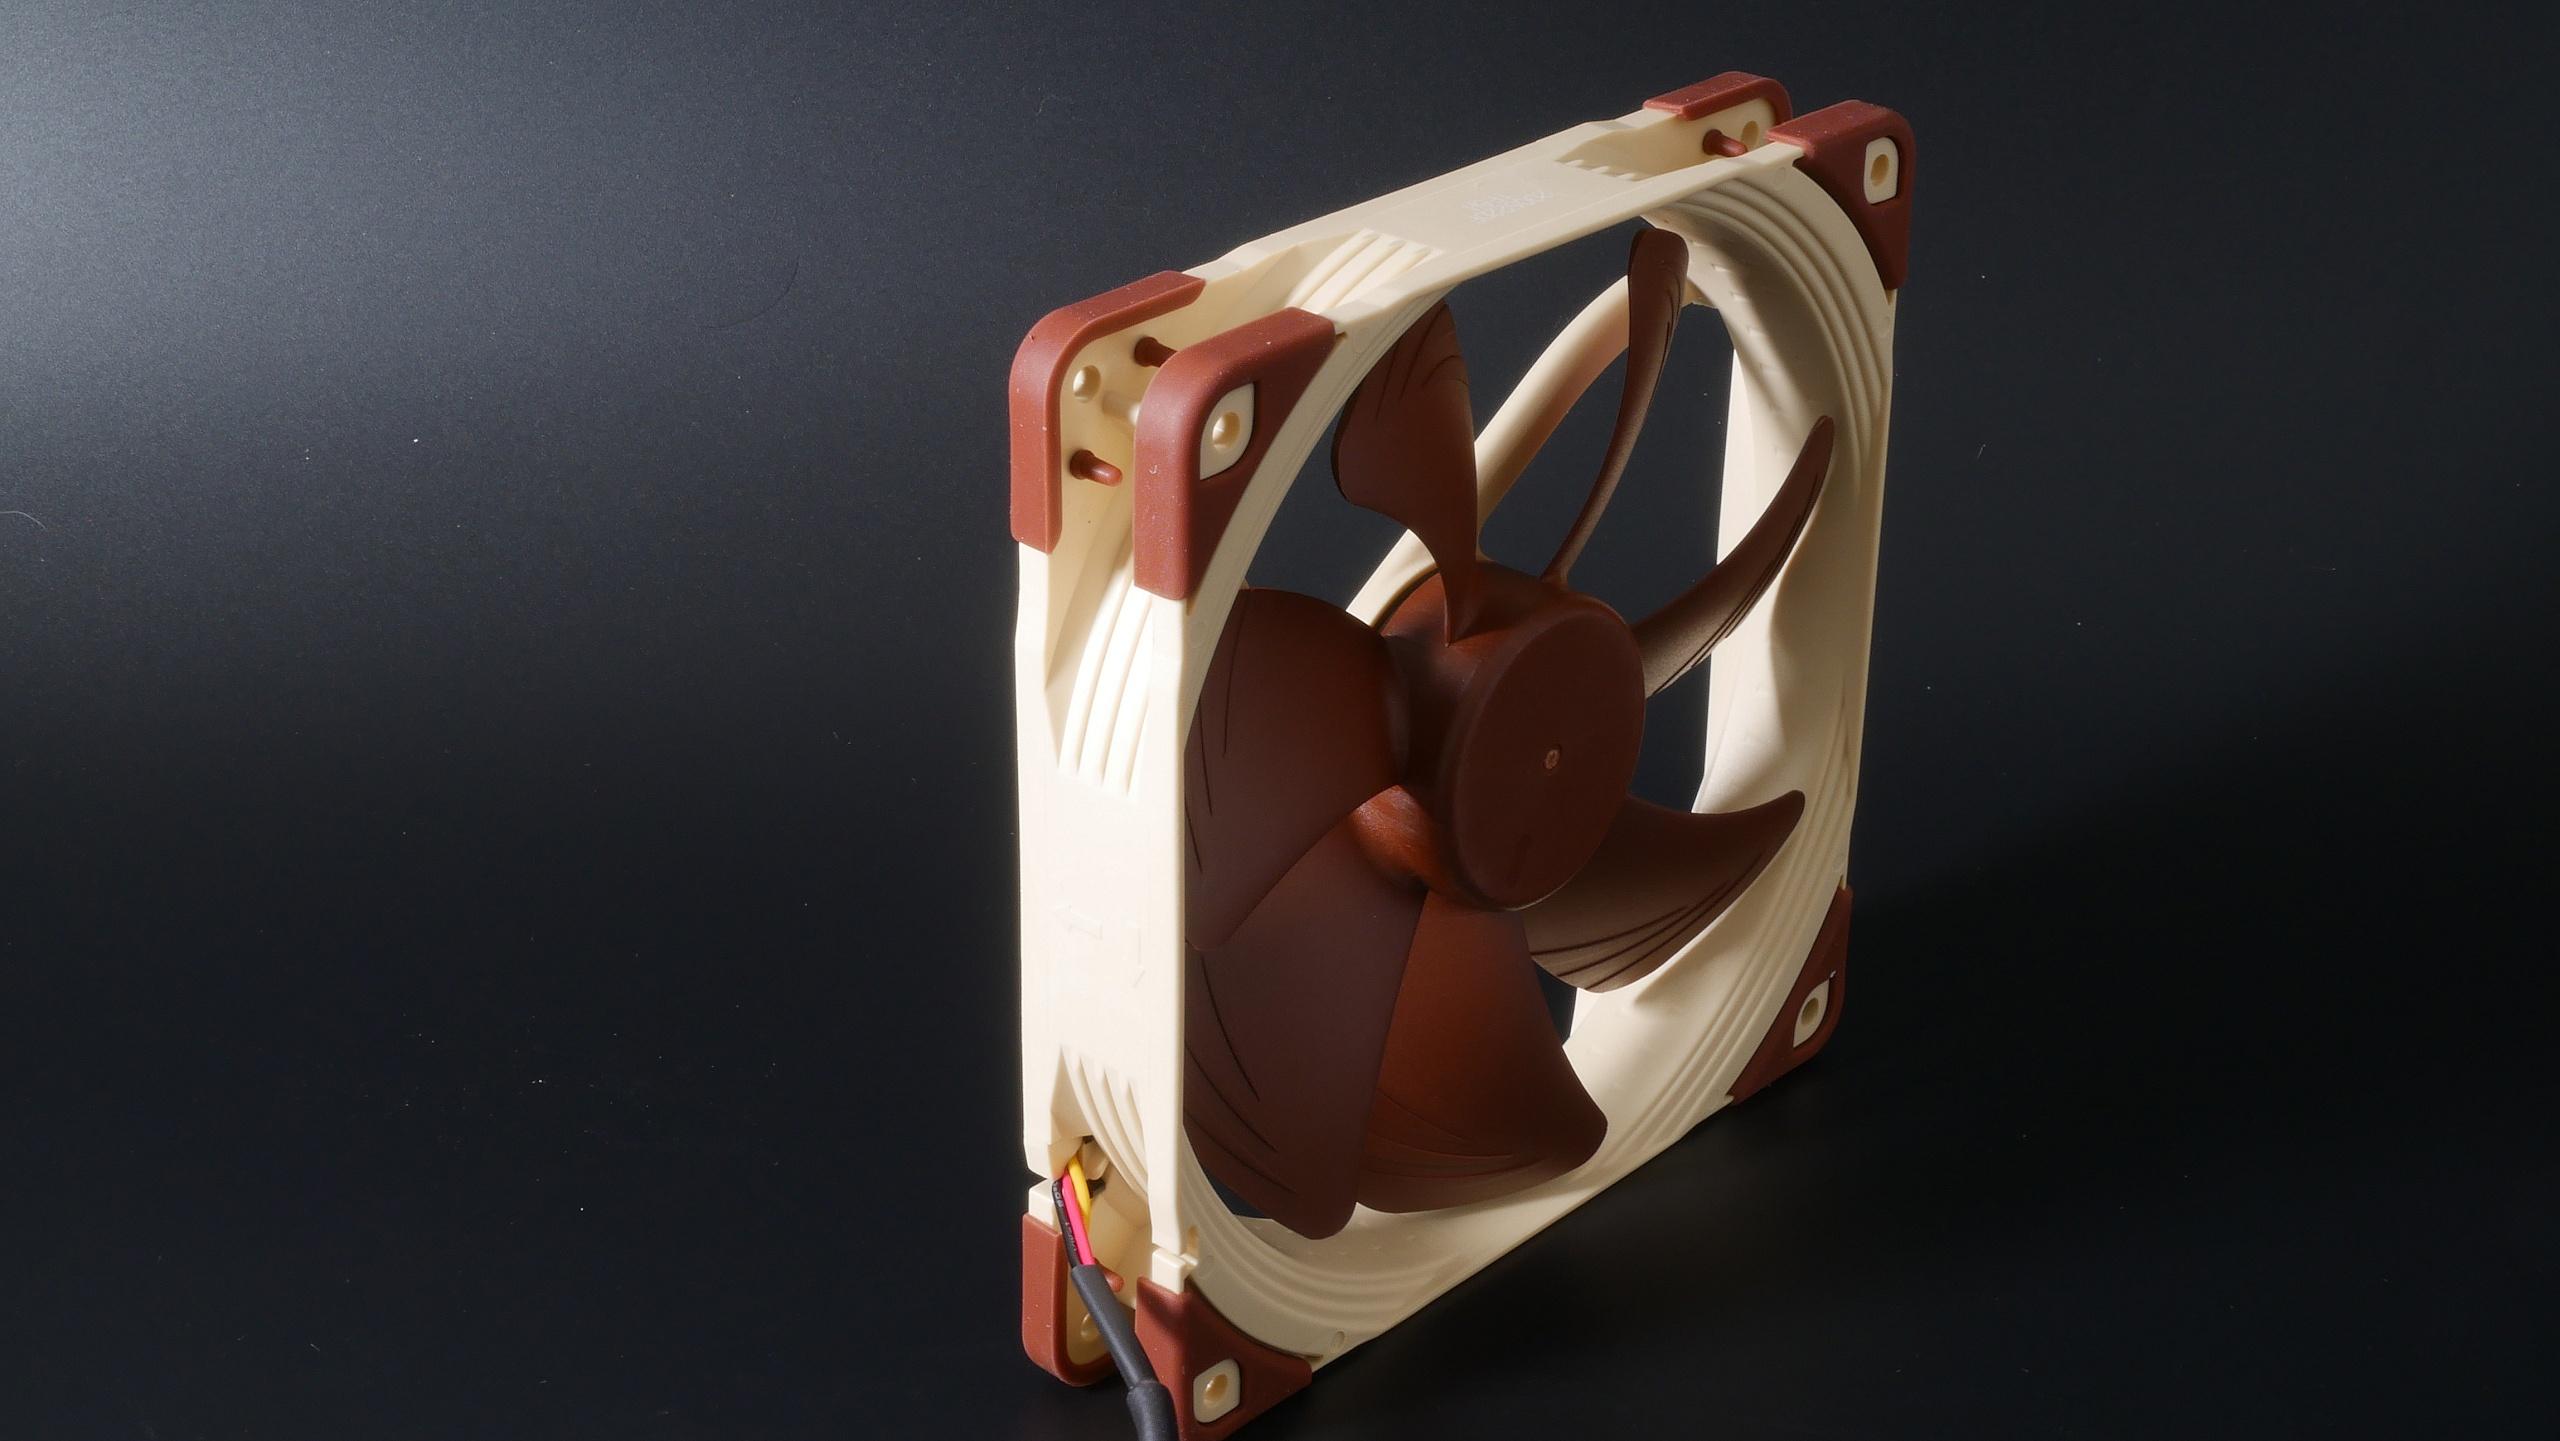 Noctua NF-A14 FLX im Test in der Messkammer- Referenz für unsere Reviews und die Datenbank der 140-mm-Lüfter